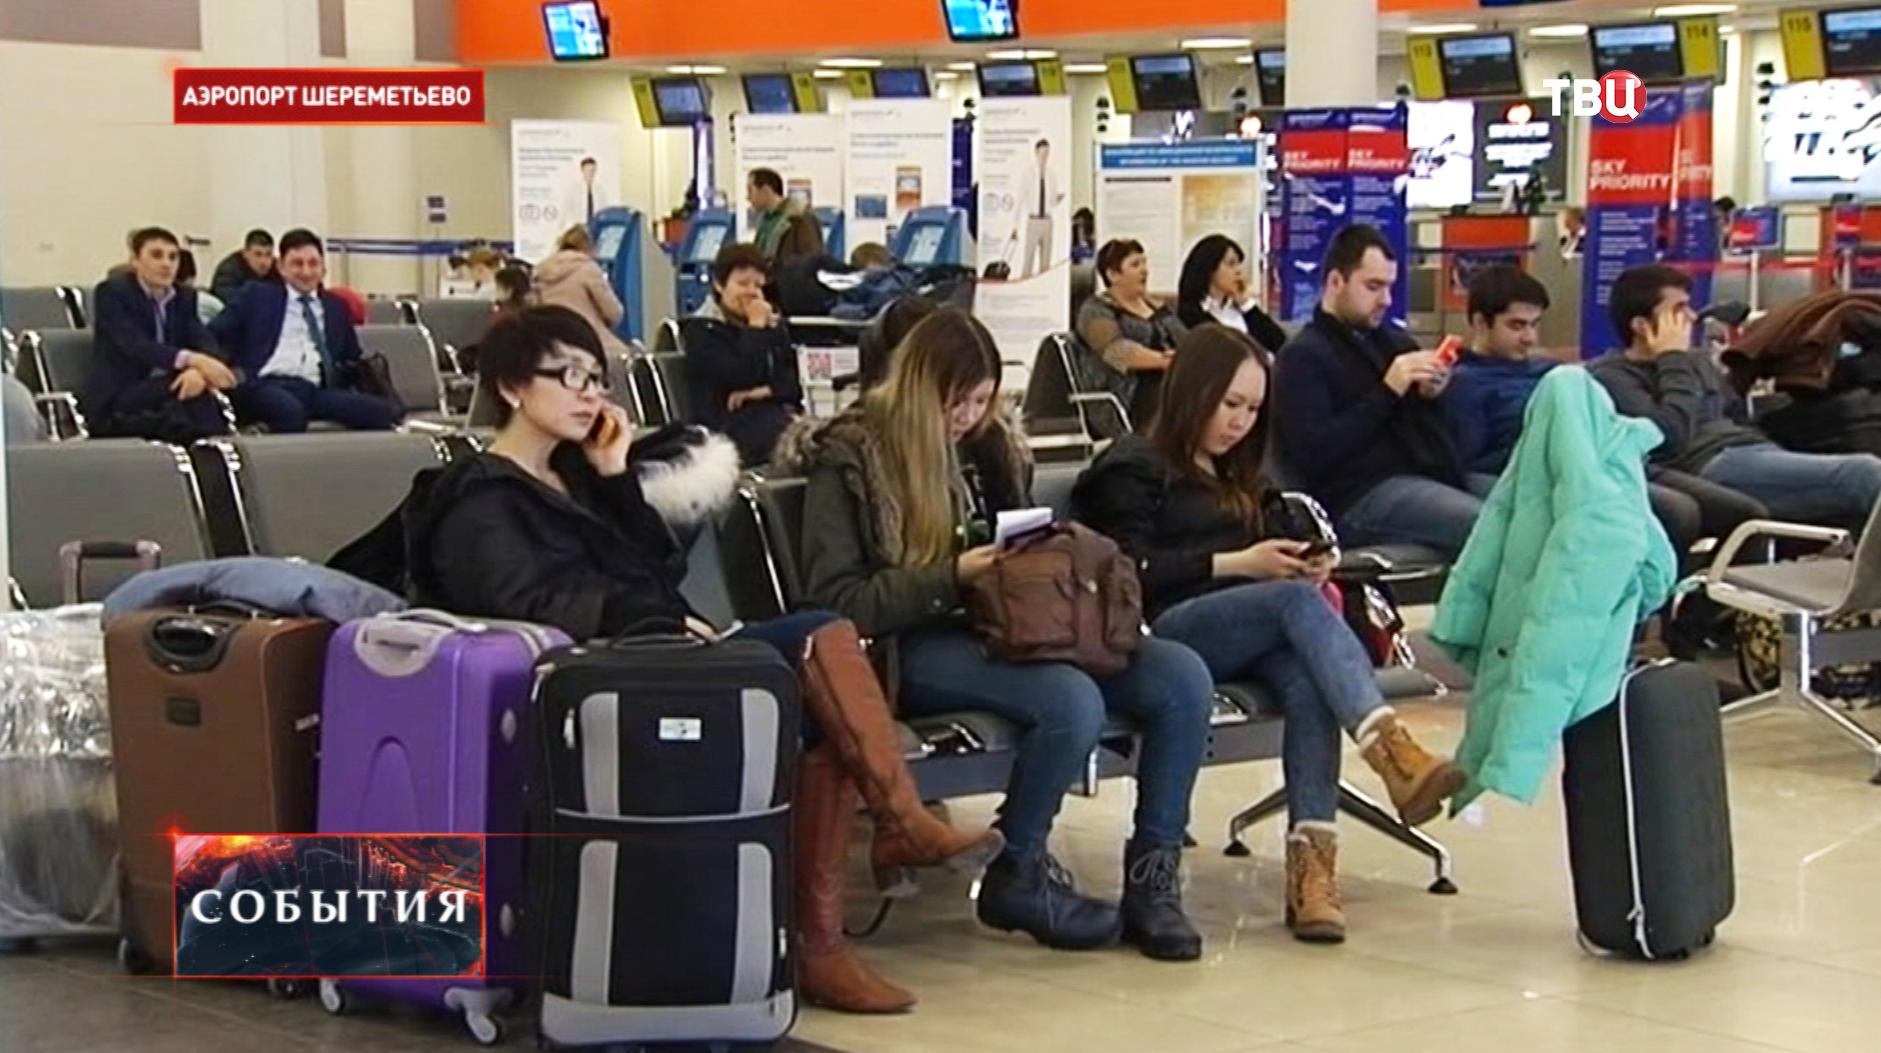 """Пассажиры в терминале аэропорта """"Шереметьево"""""""